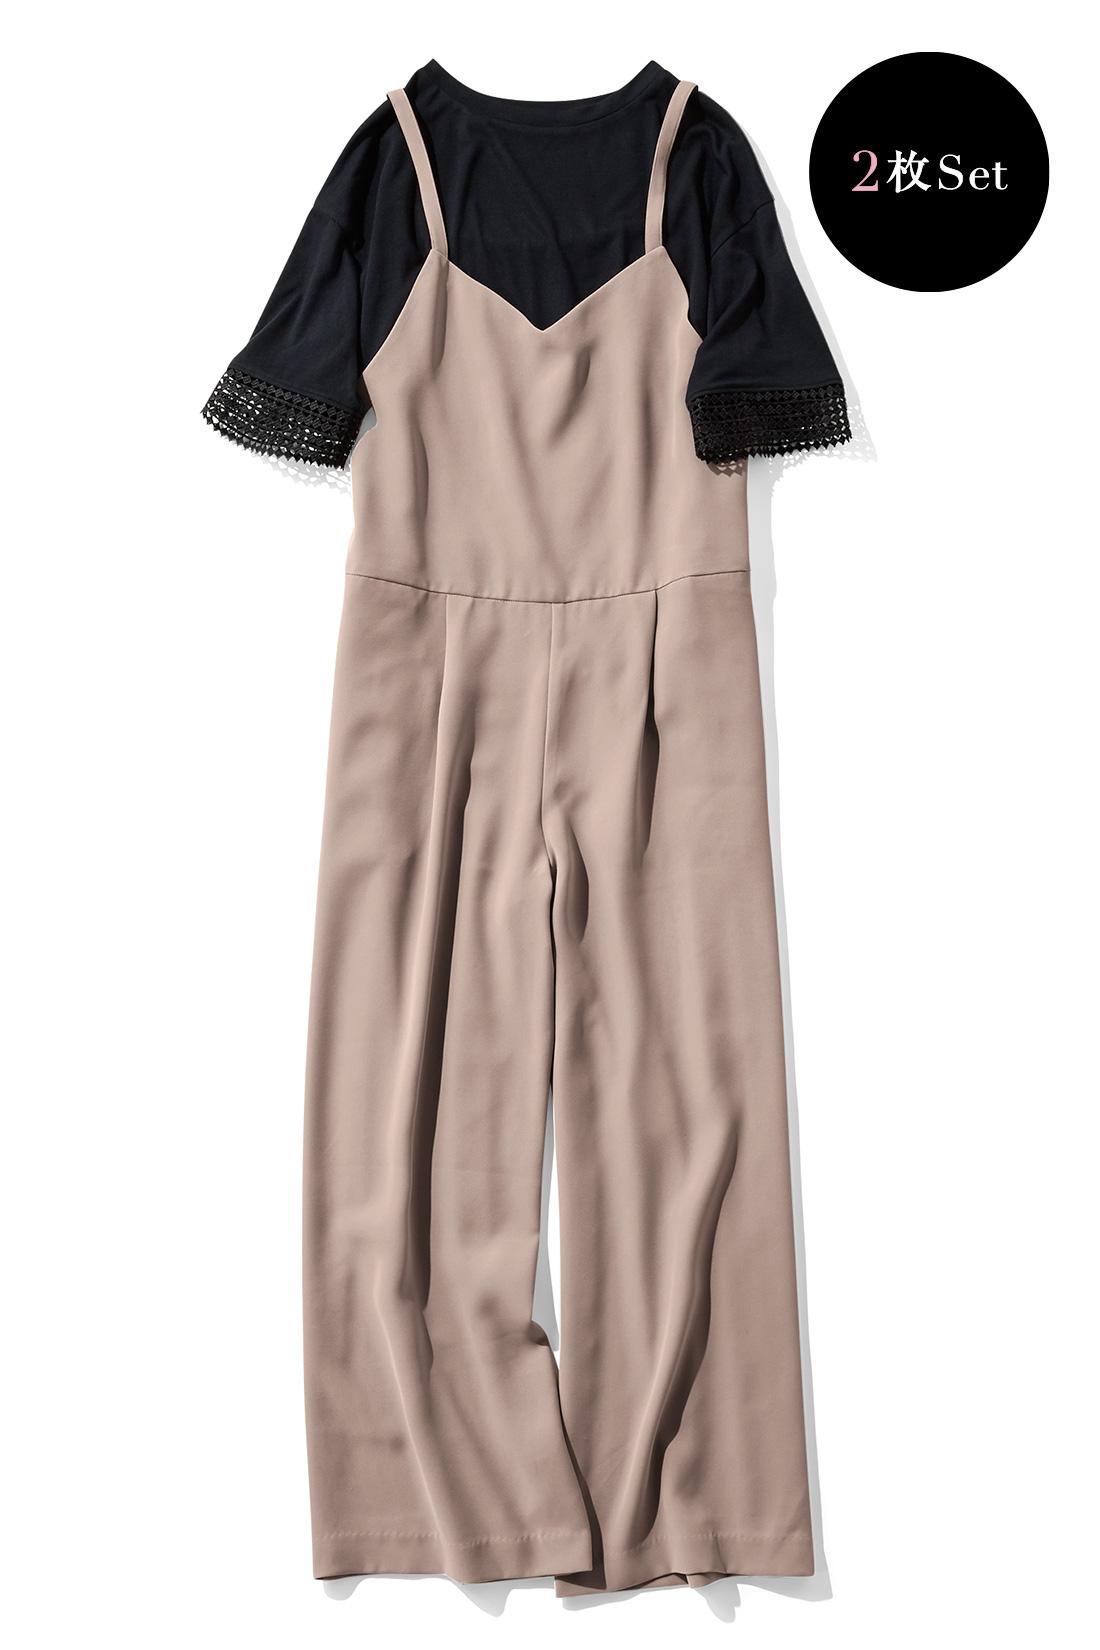 フェミニンモードな〈ベージュ×ブラック〉 頼れるシームポケット付き。足もとが美しく見える九分丈。